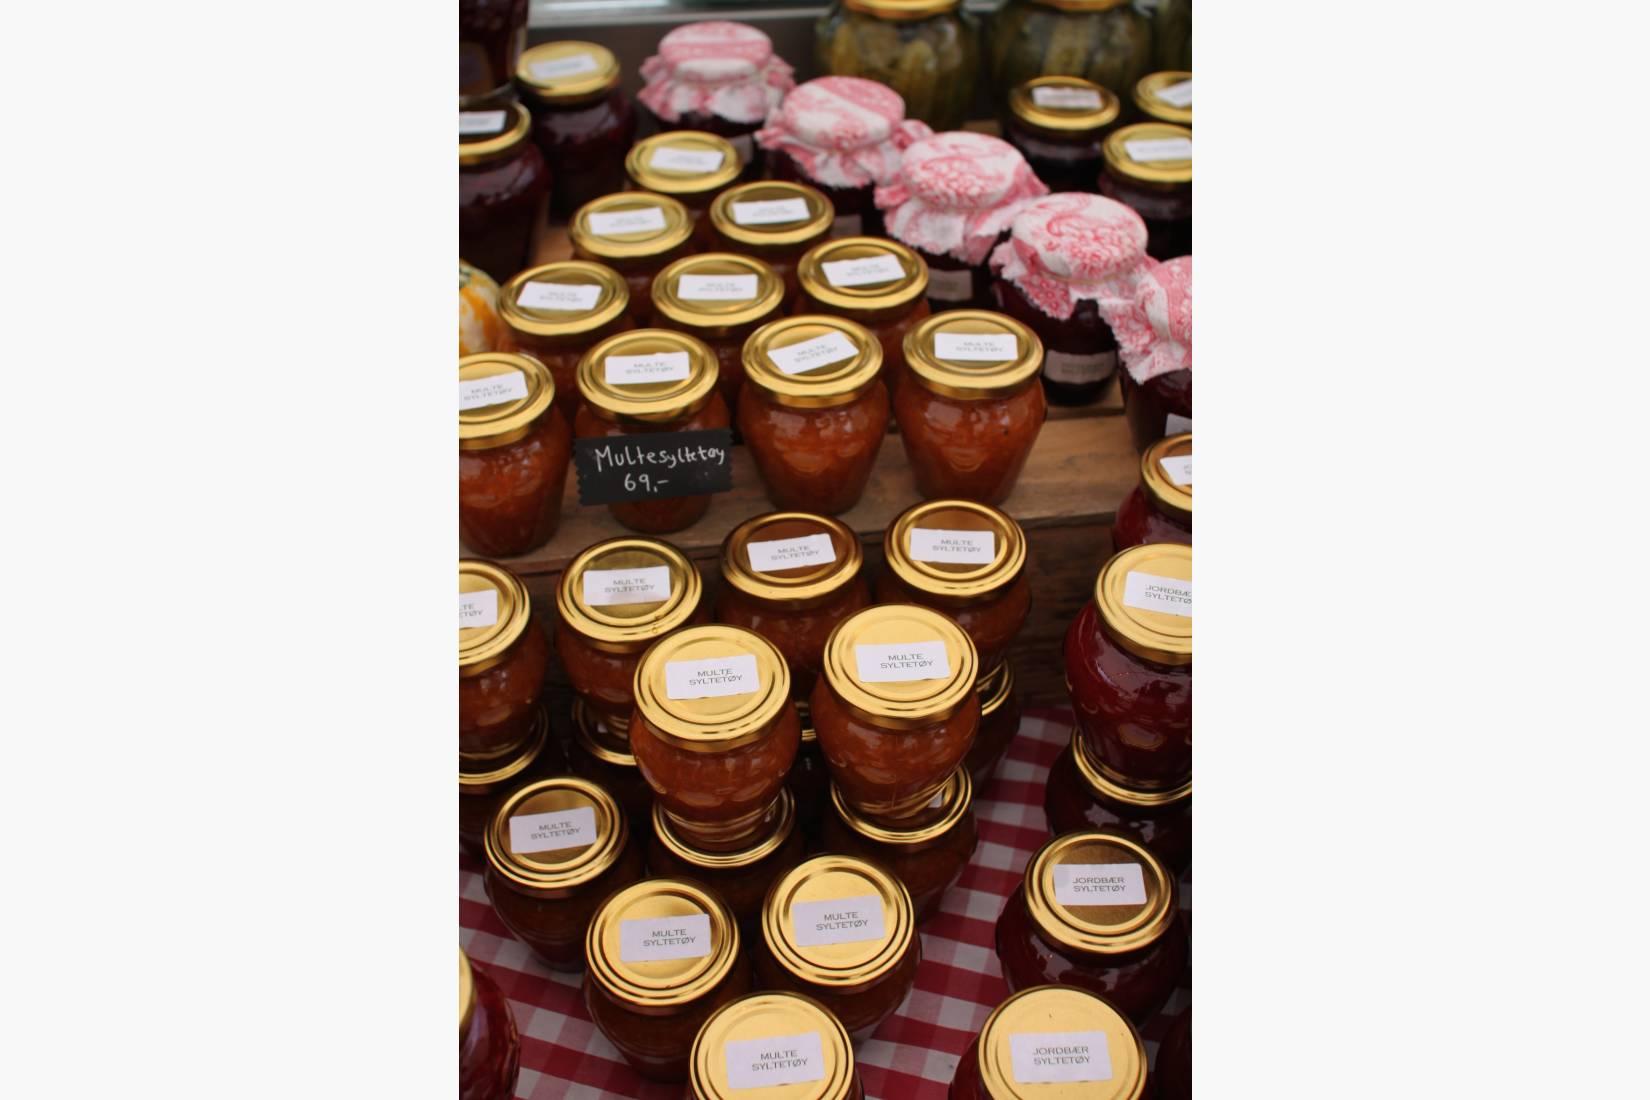 I gårdsbutikken vil du finne et stort utvalg av egne sylteprodukter og masse annet godt!